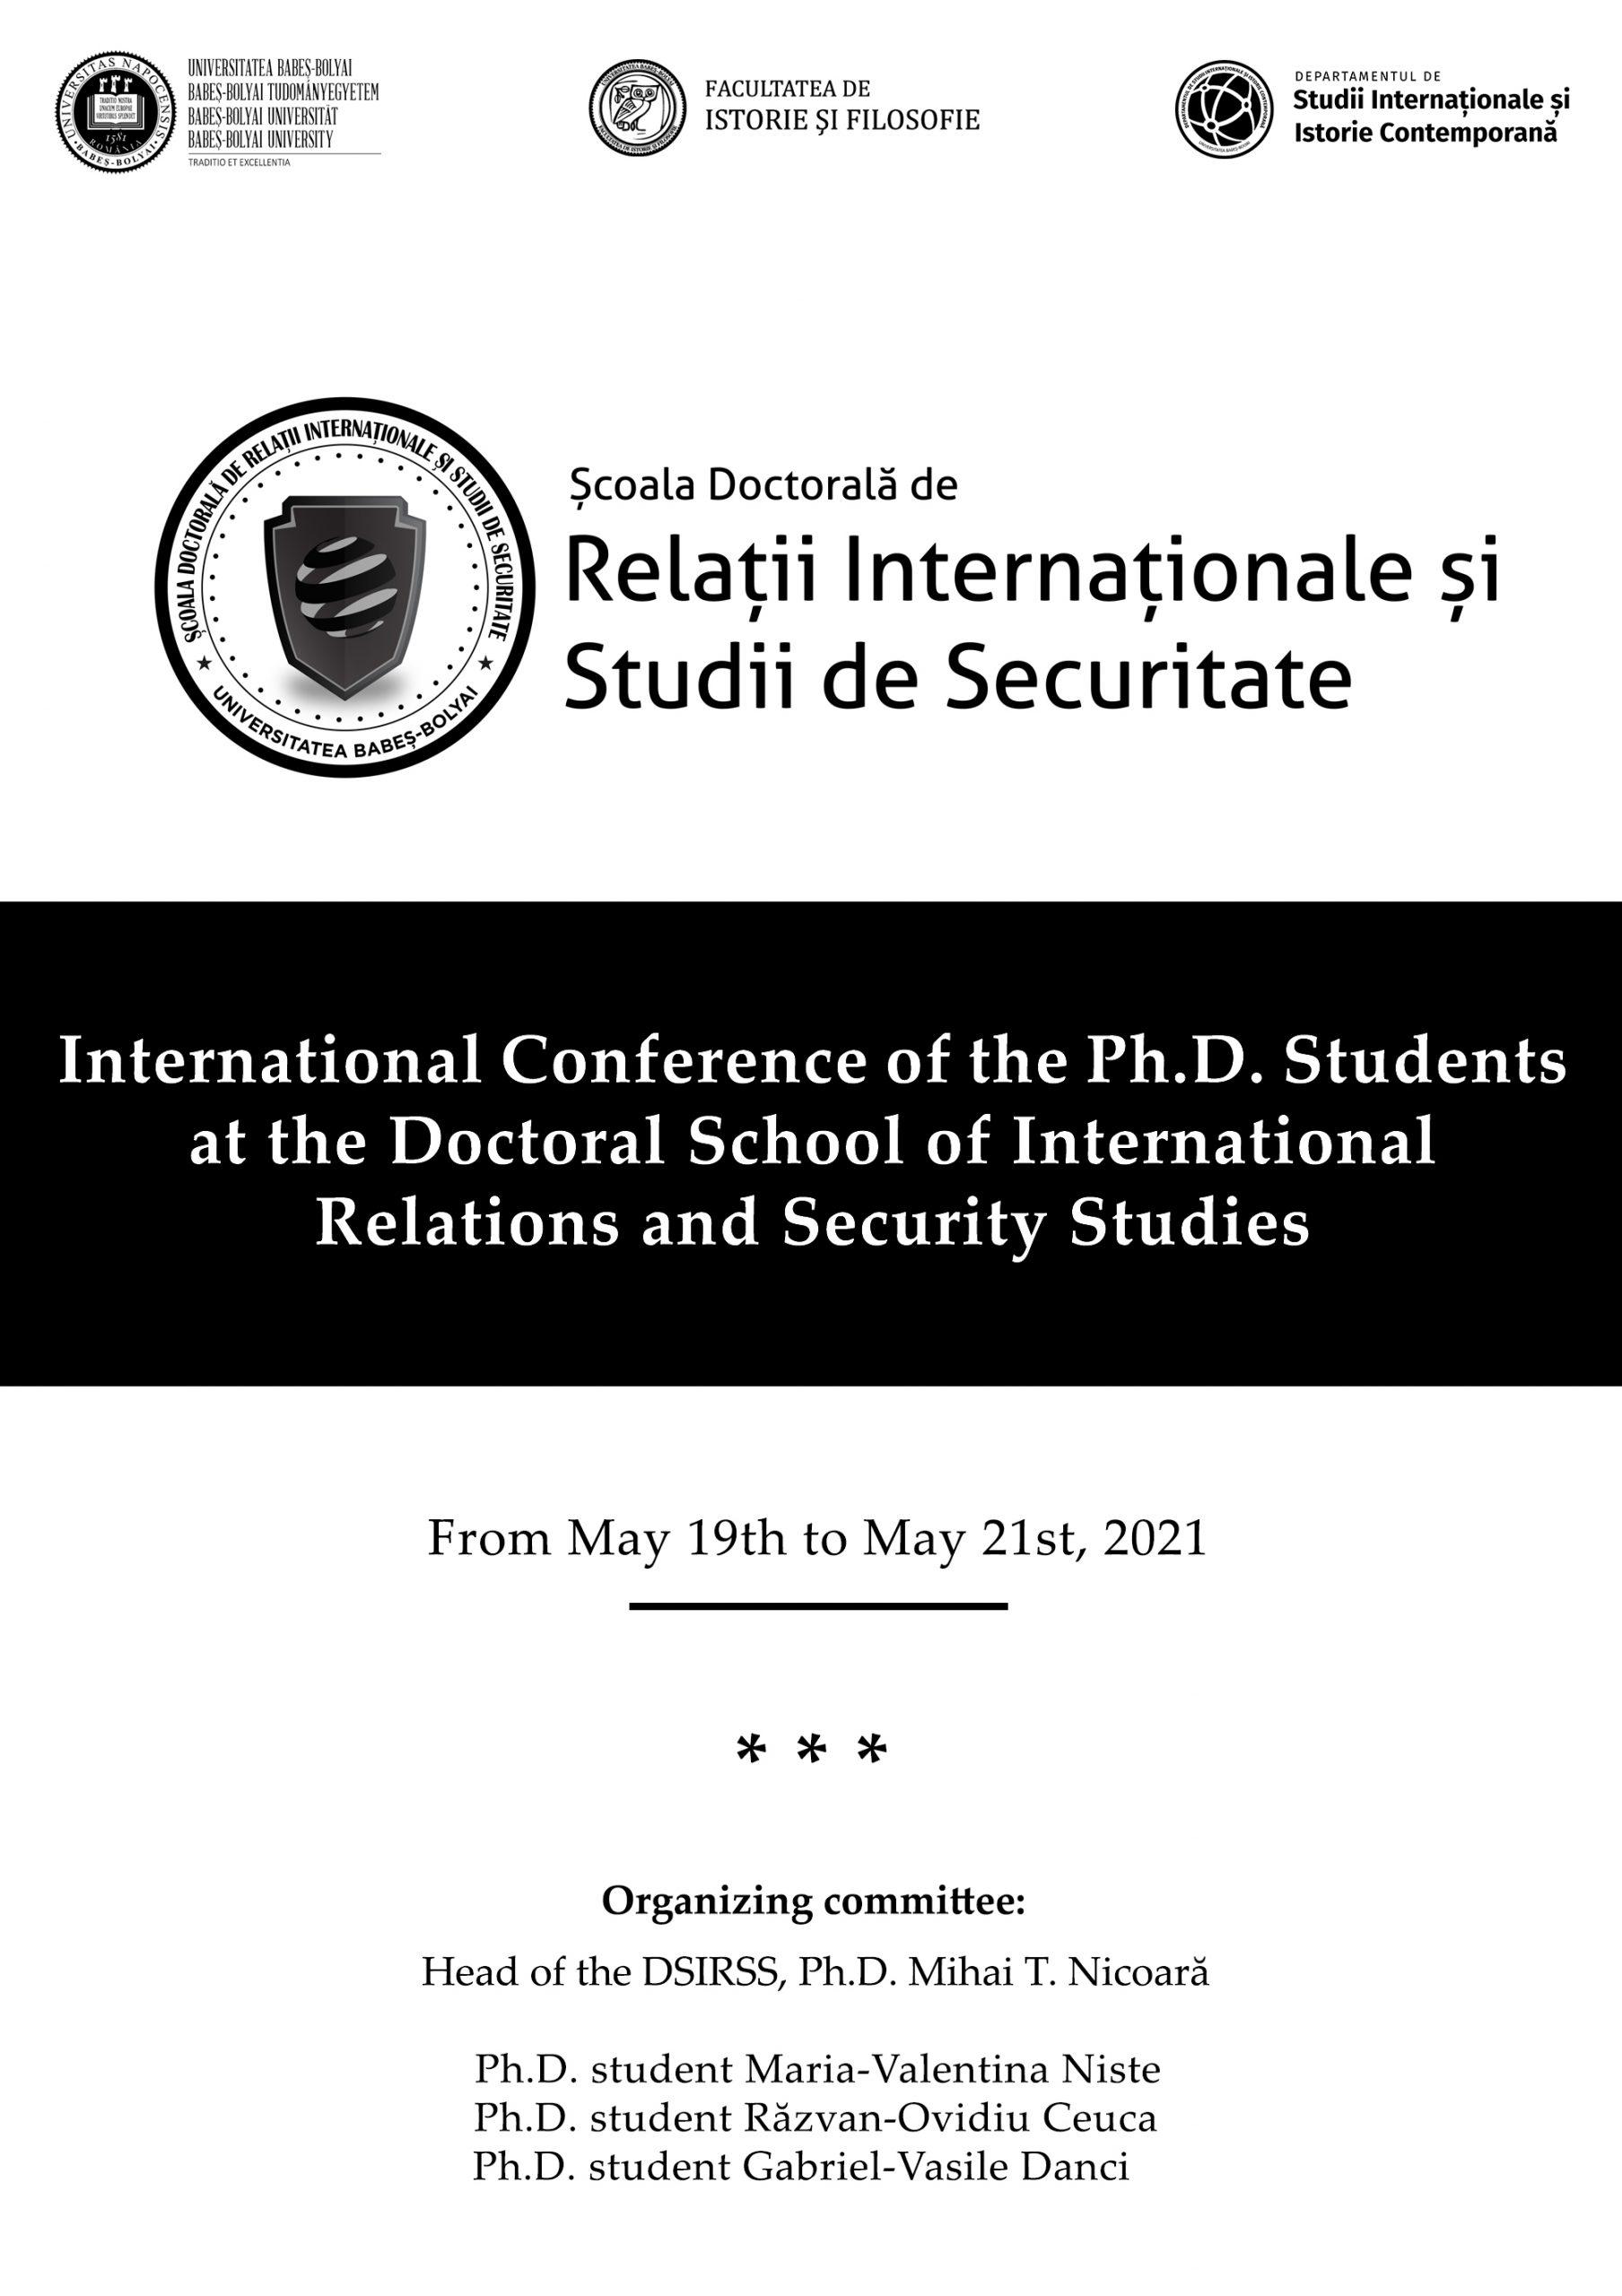 Conferința Internațională a Doctoranzilor Școlii doctorale de Relații Internaționale și Studii de Securitate